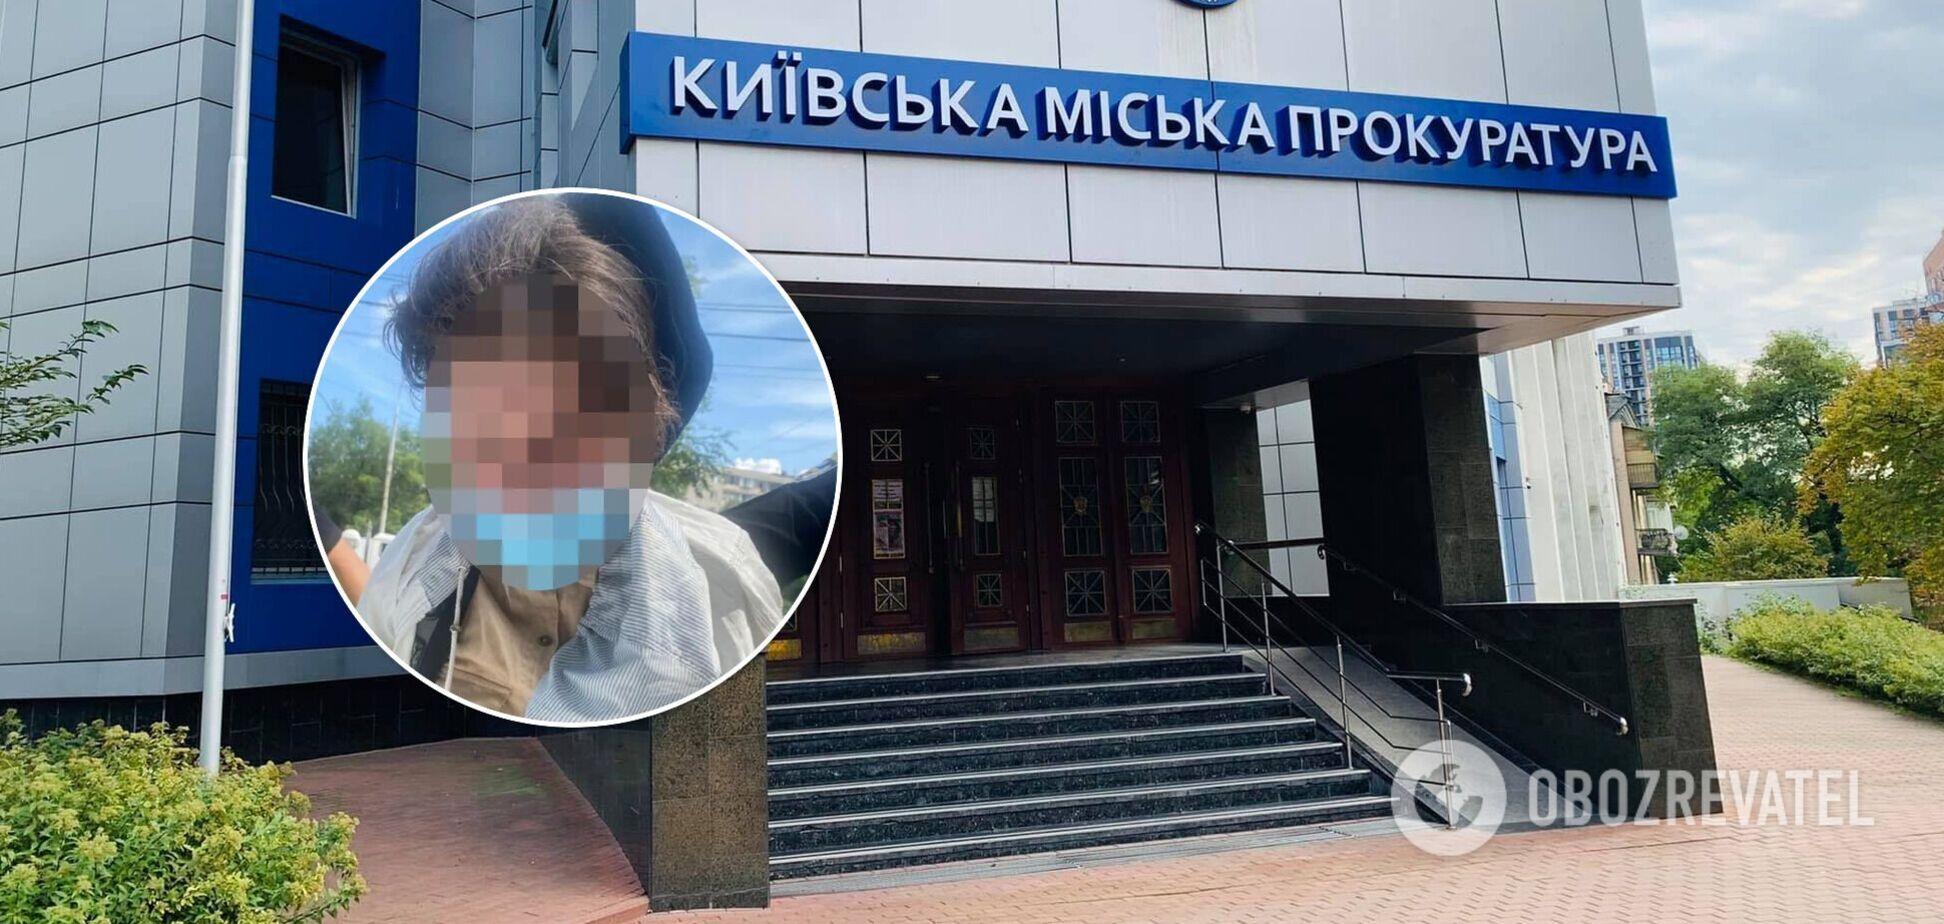 Добычей злоумышленницы стали 15 тыс. грн